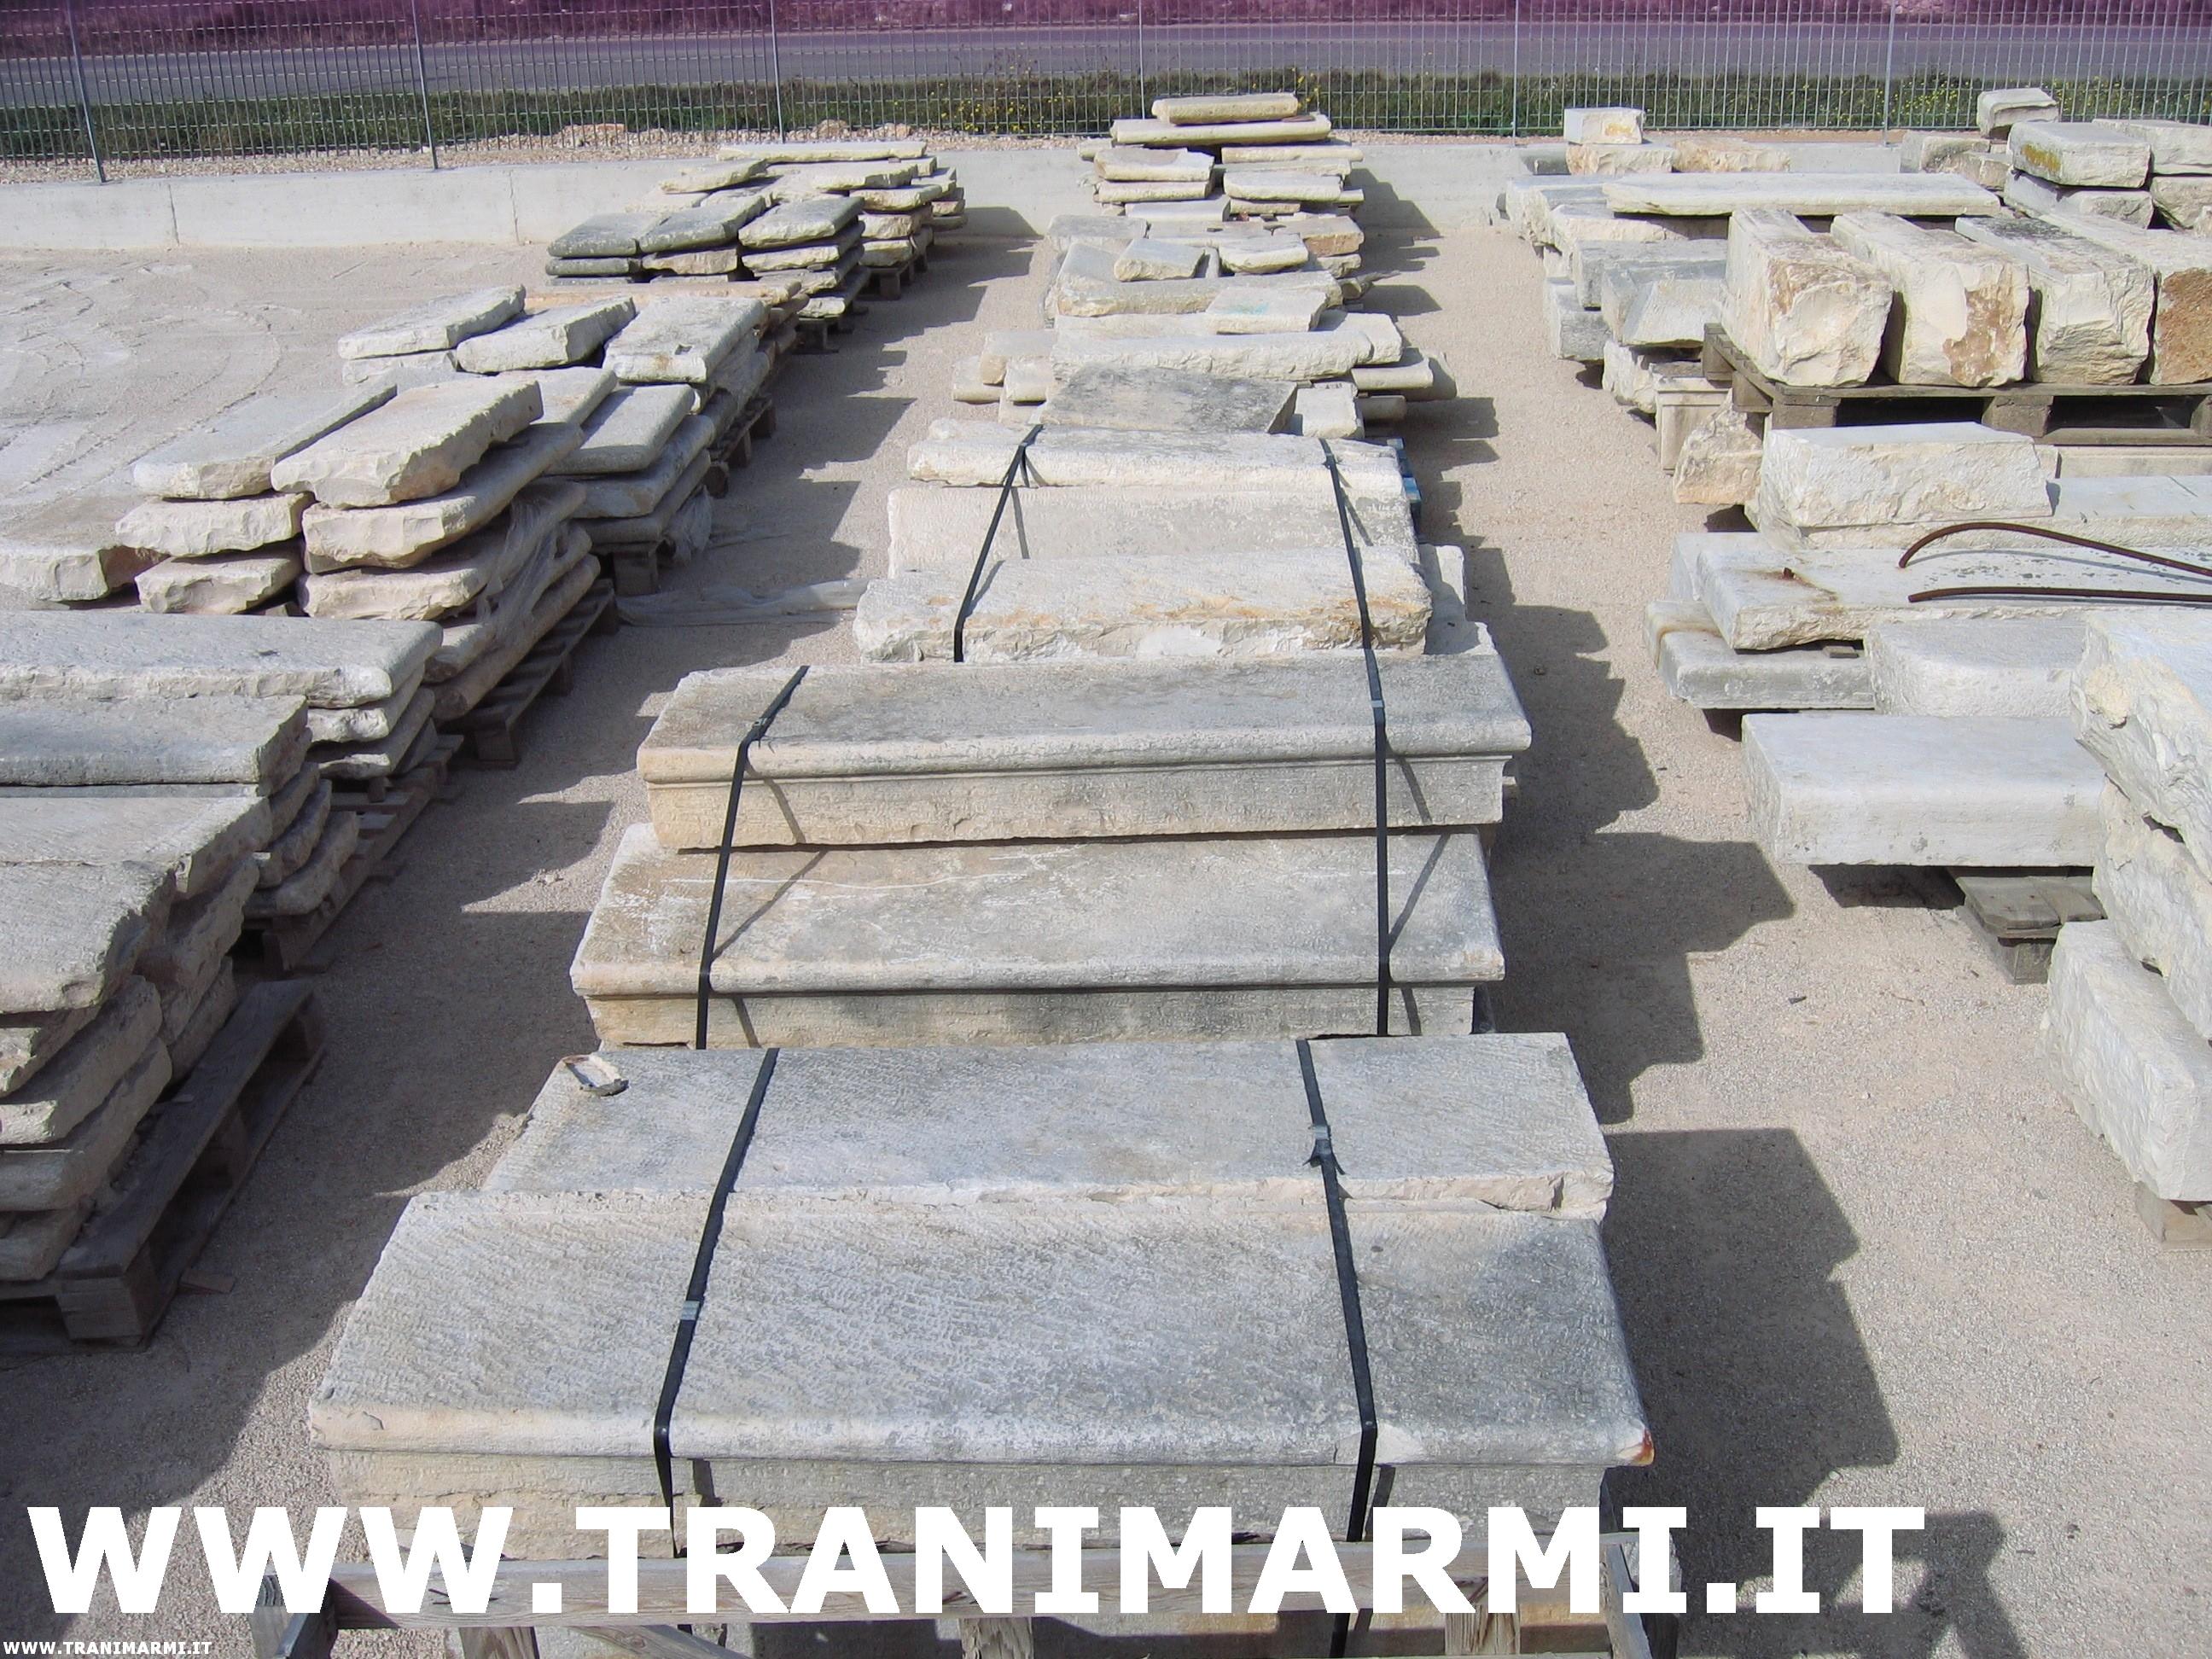 Trani marmi s r l lavorazione della pietra di trani for Disegni di blocchi di cemento casa